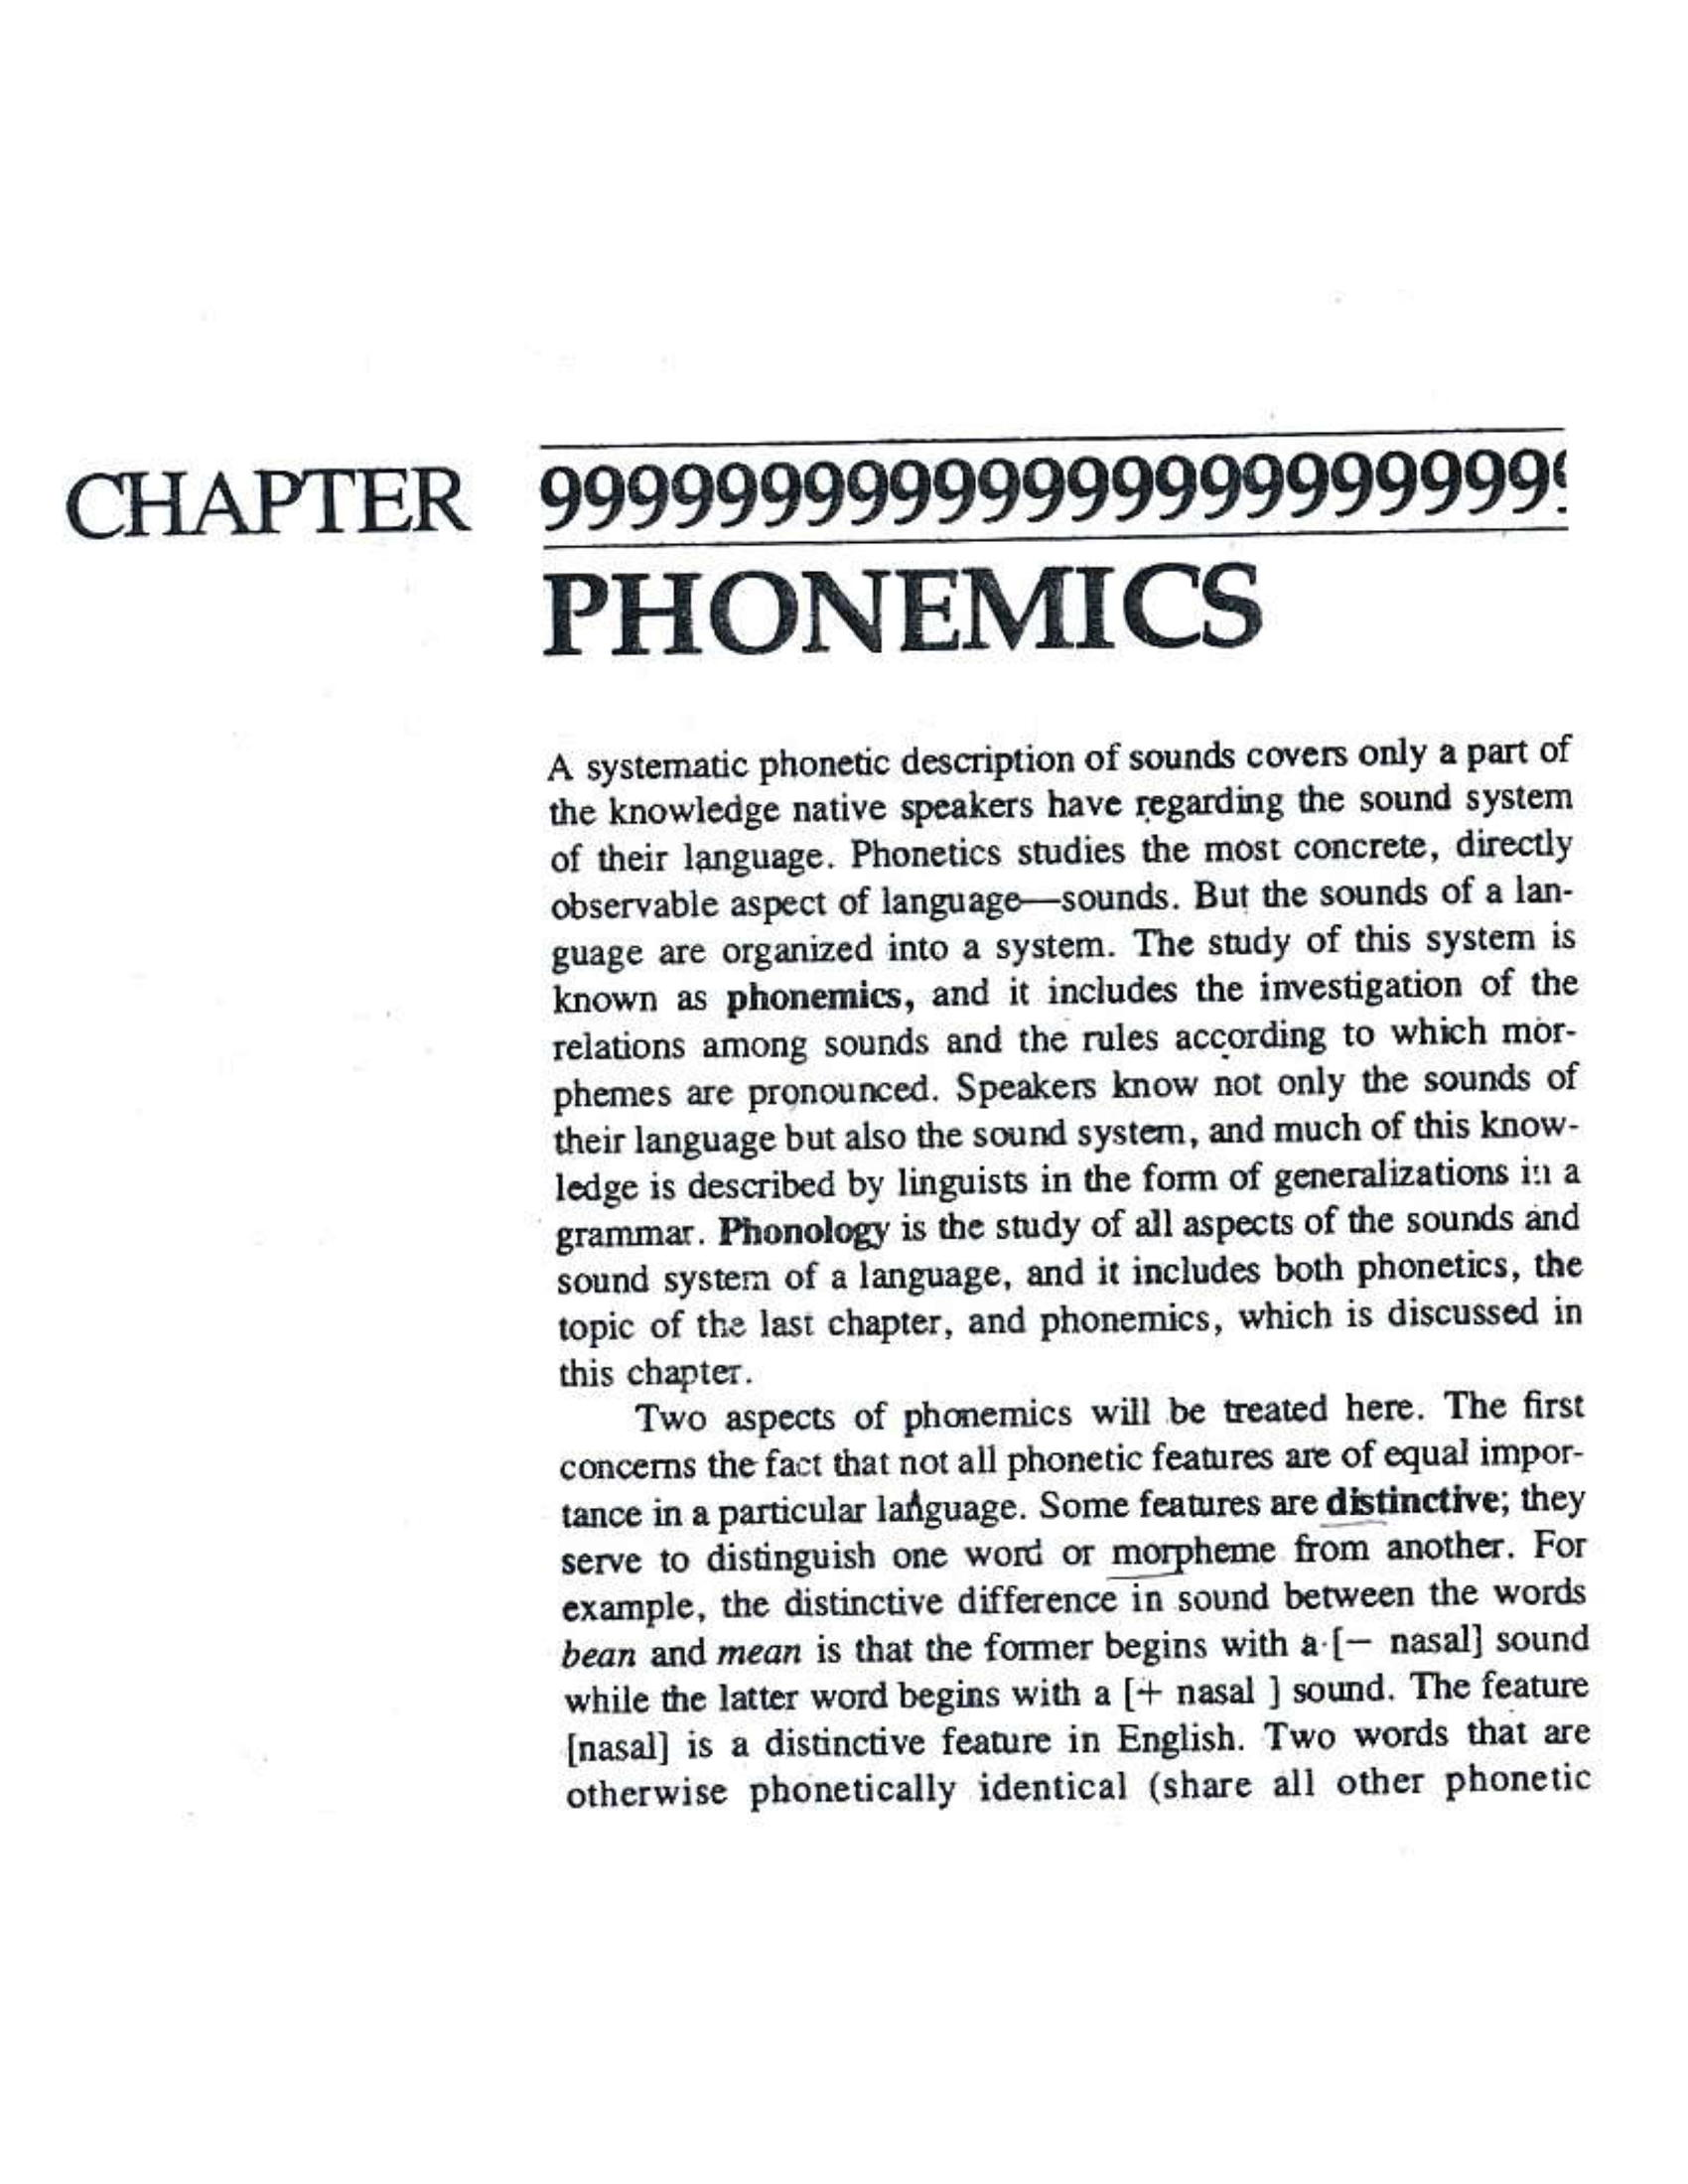 بررسی ابعاد و مفاهیم اصلی - ترجمه انفرادی phonemics